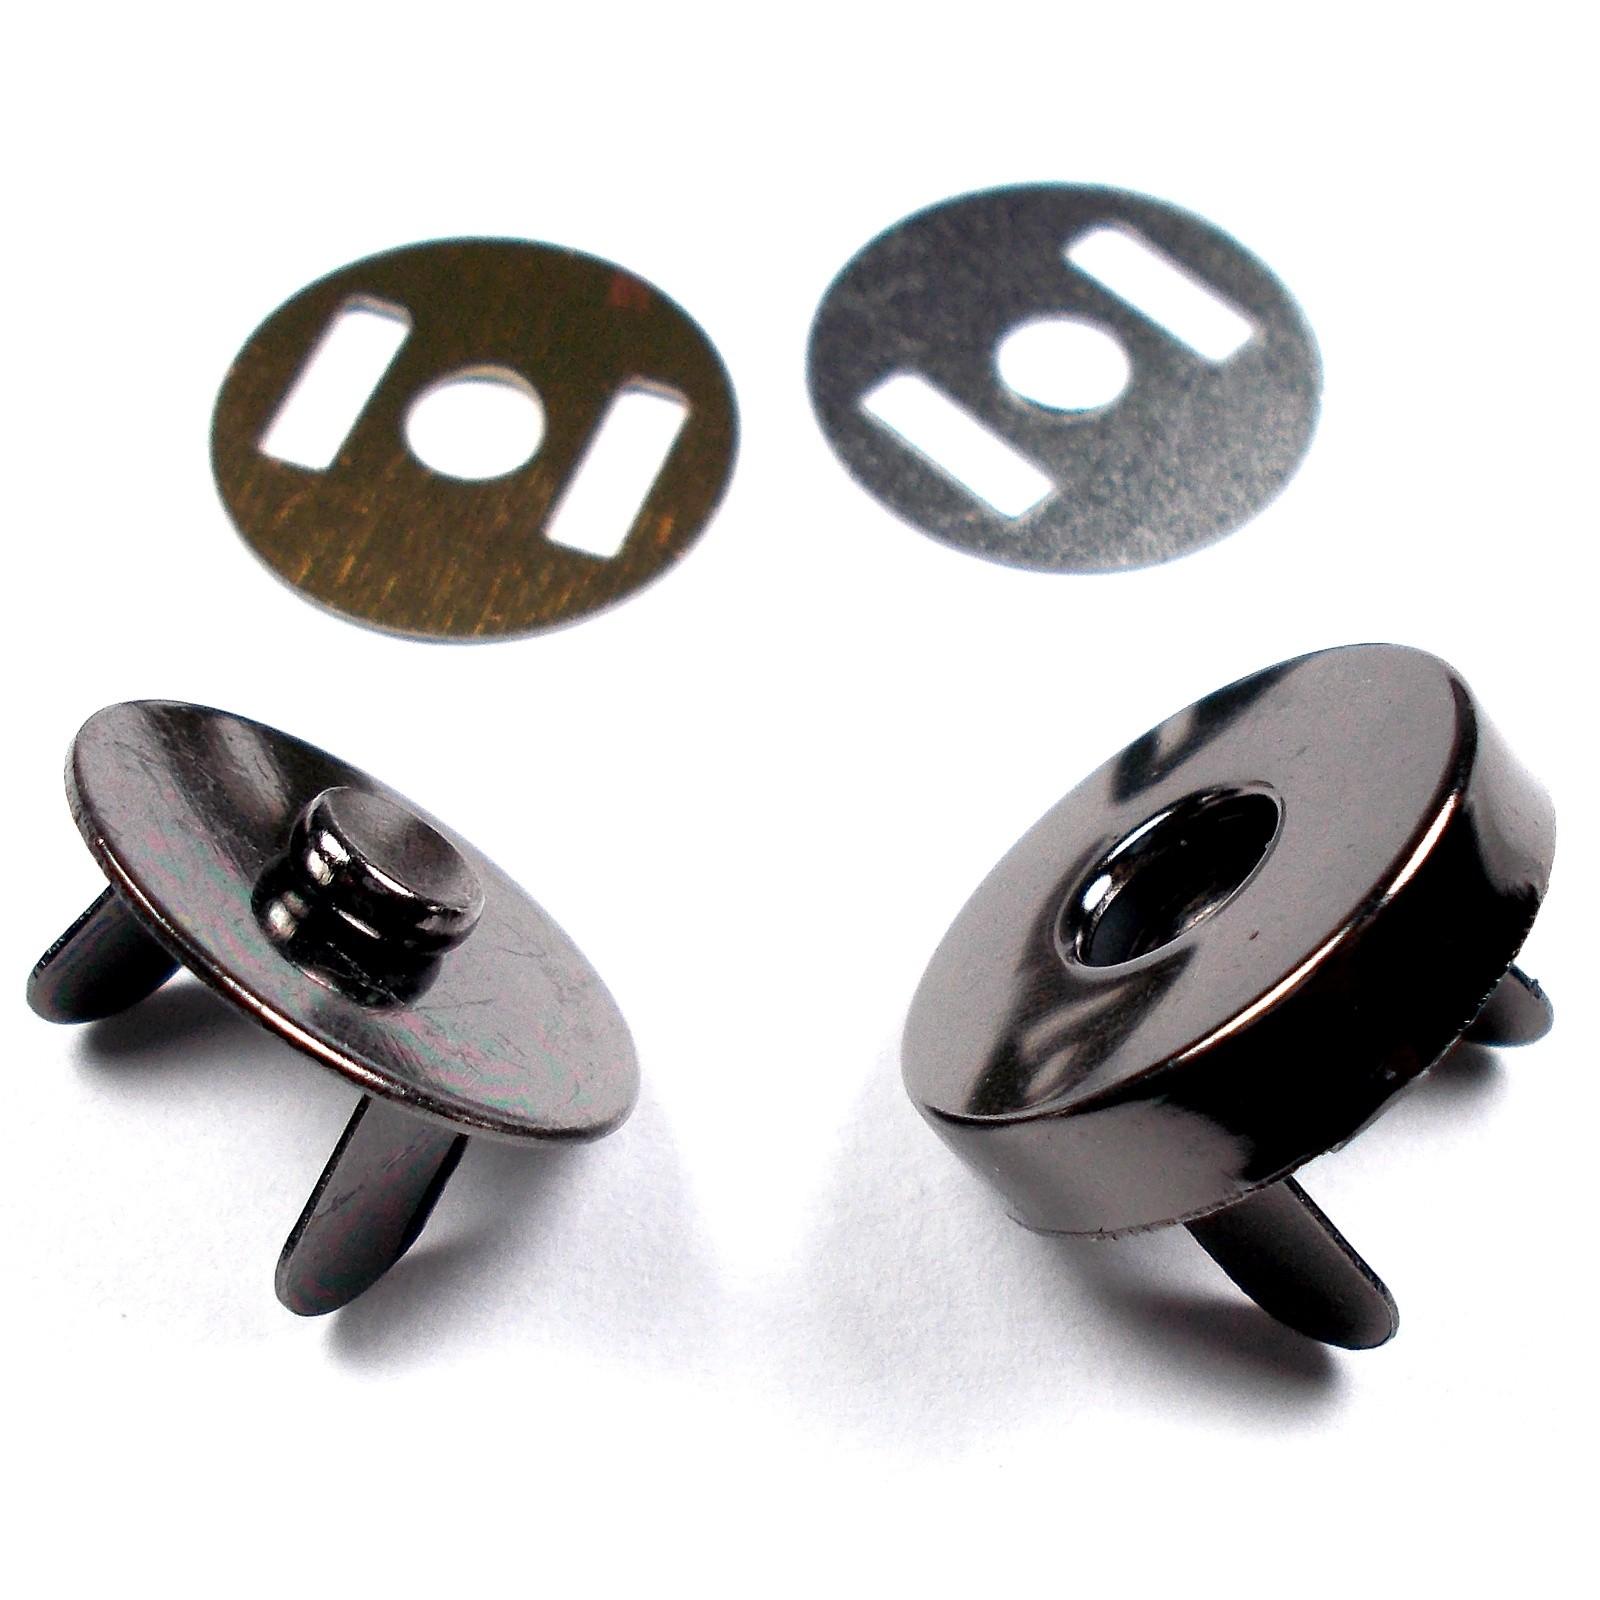 Metal Magnetic Clasps Bag Fasteners 18mm Gun Metal Grey Pack of 2